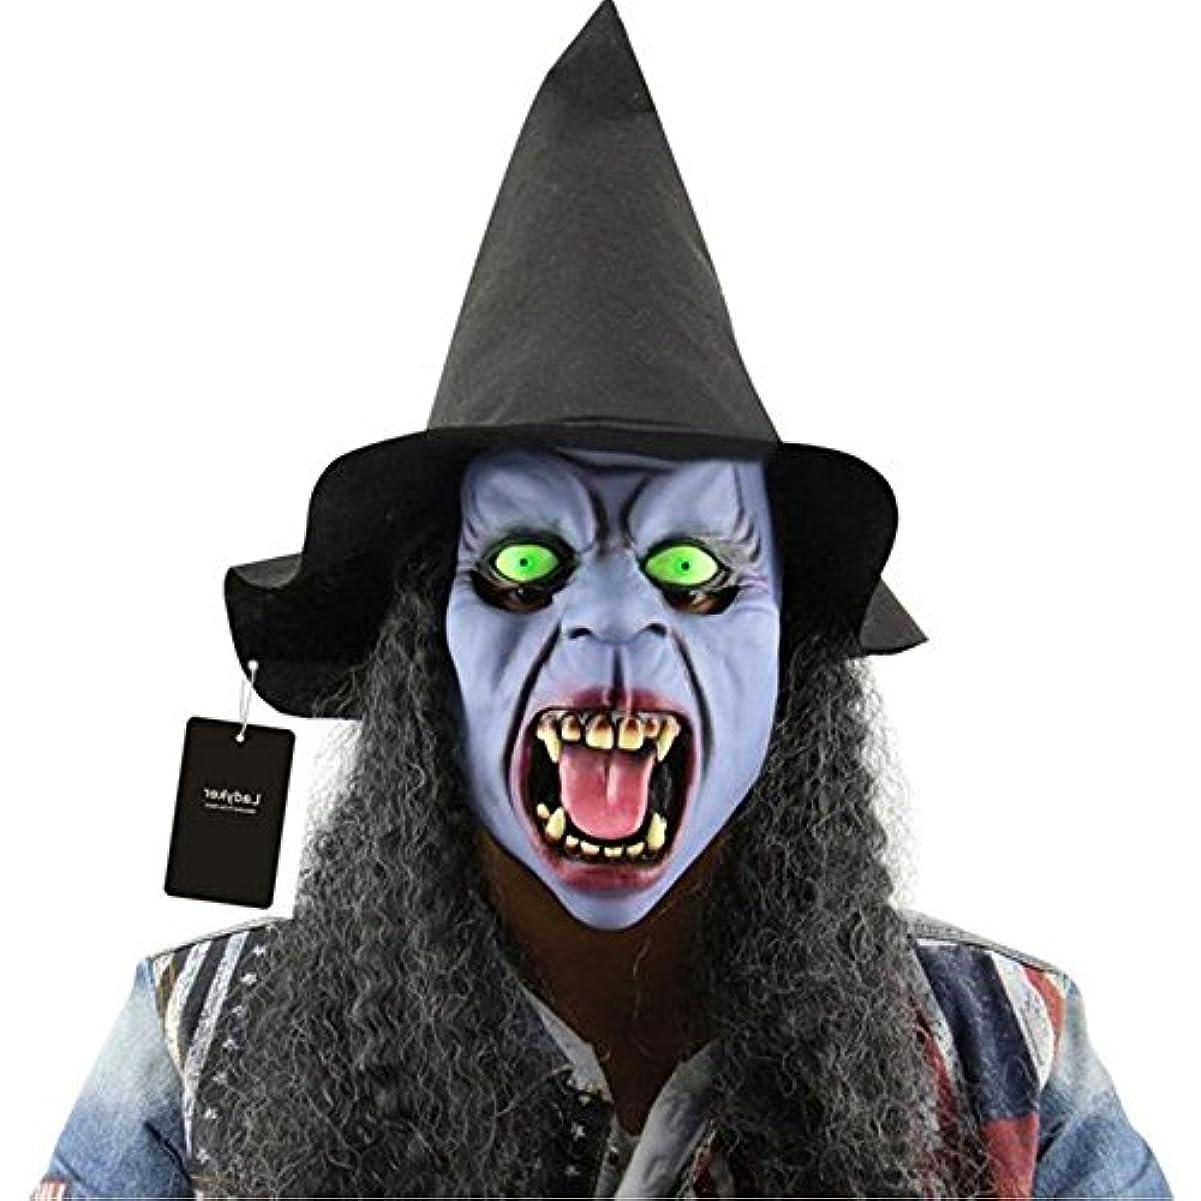 火山学モーター提出するAuntwhale ハロウィーンマスク大人恐怖コスチューム、ホラー夜の魔女ファンシーマスカレードパーティハロウィンマスク、フェスティバル通気性ギフトヘッドマスク